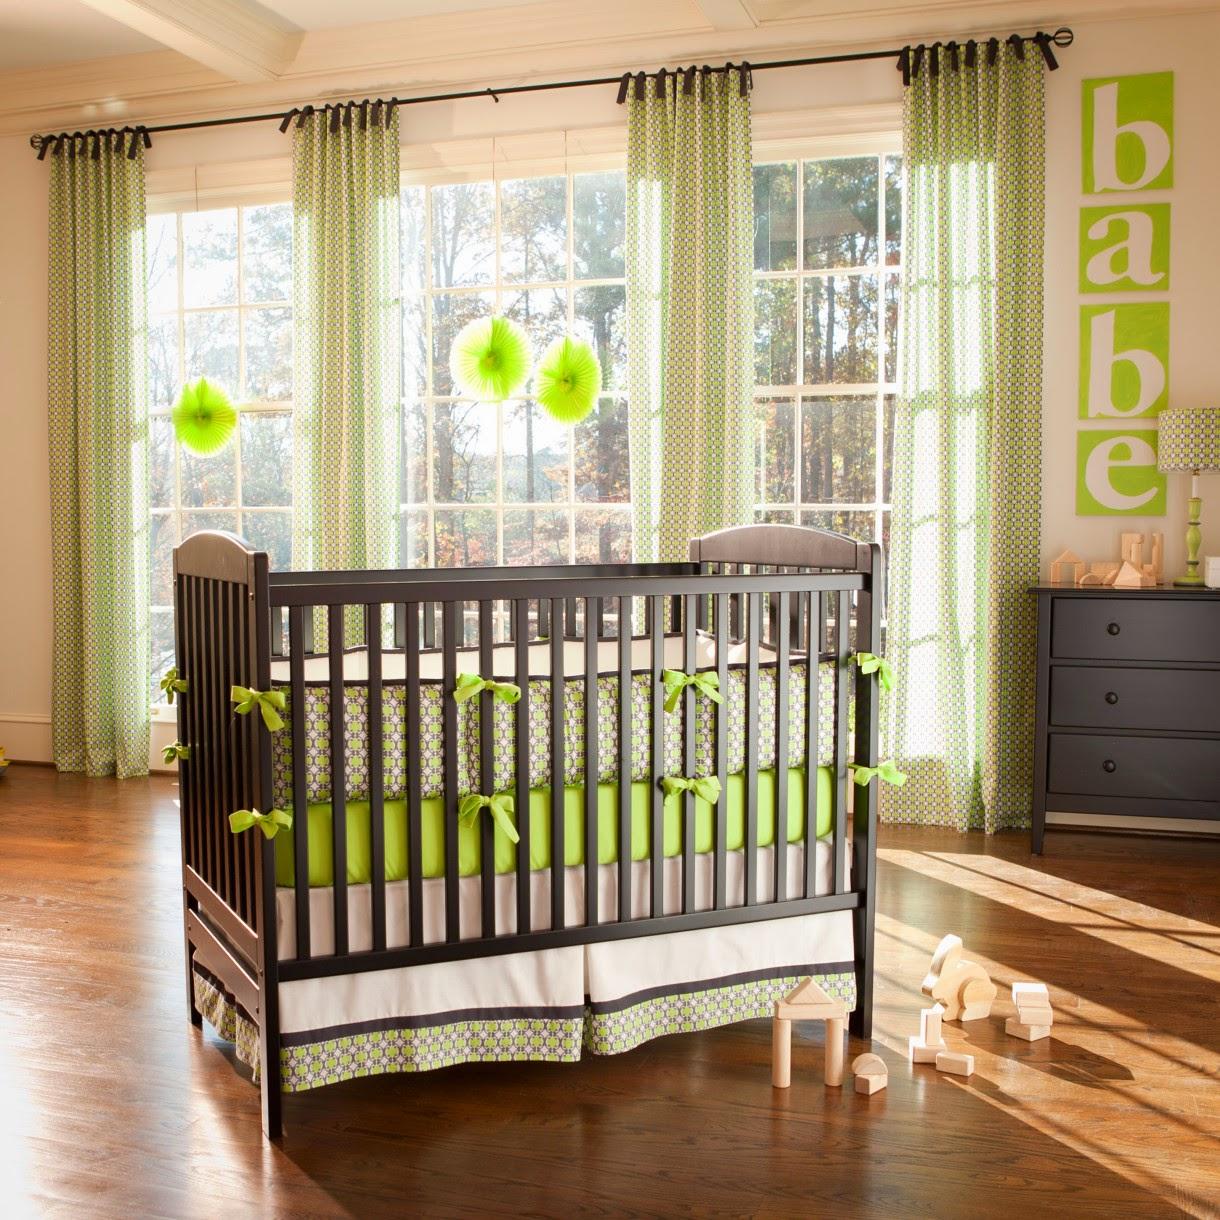 desain tempat tidur bayi